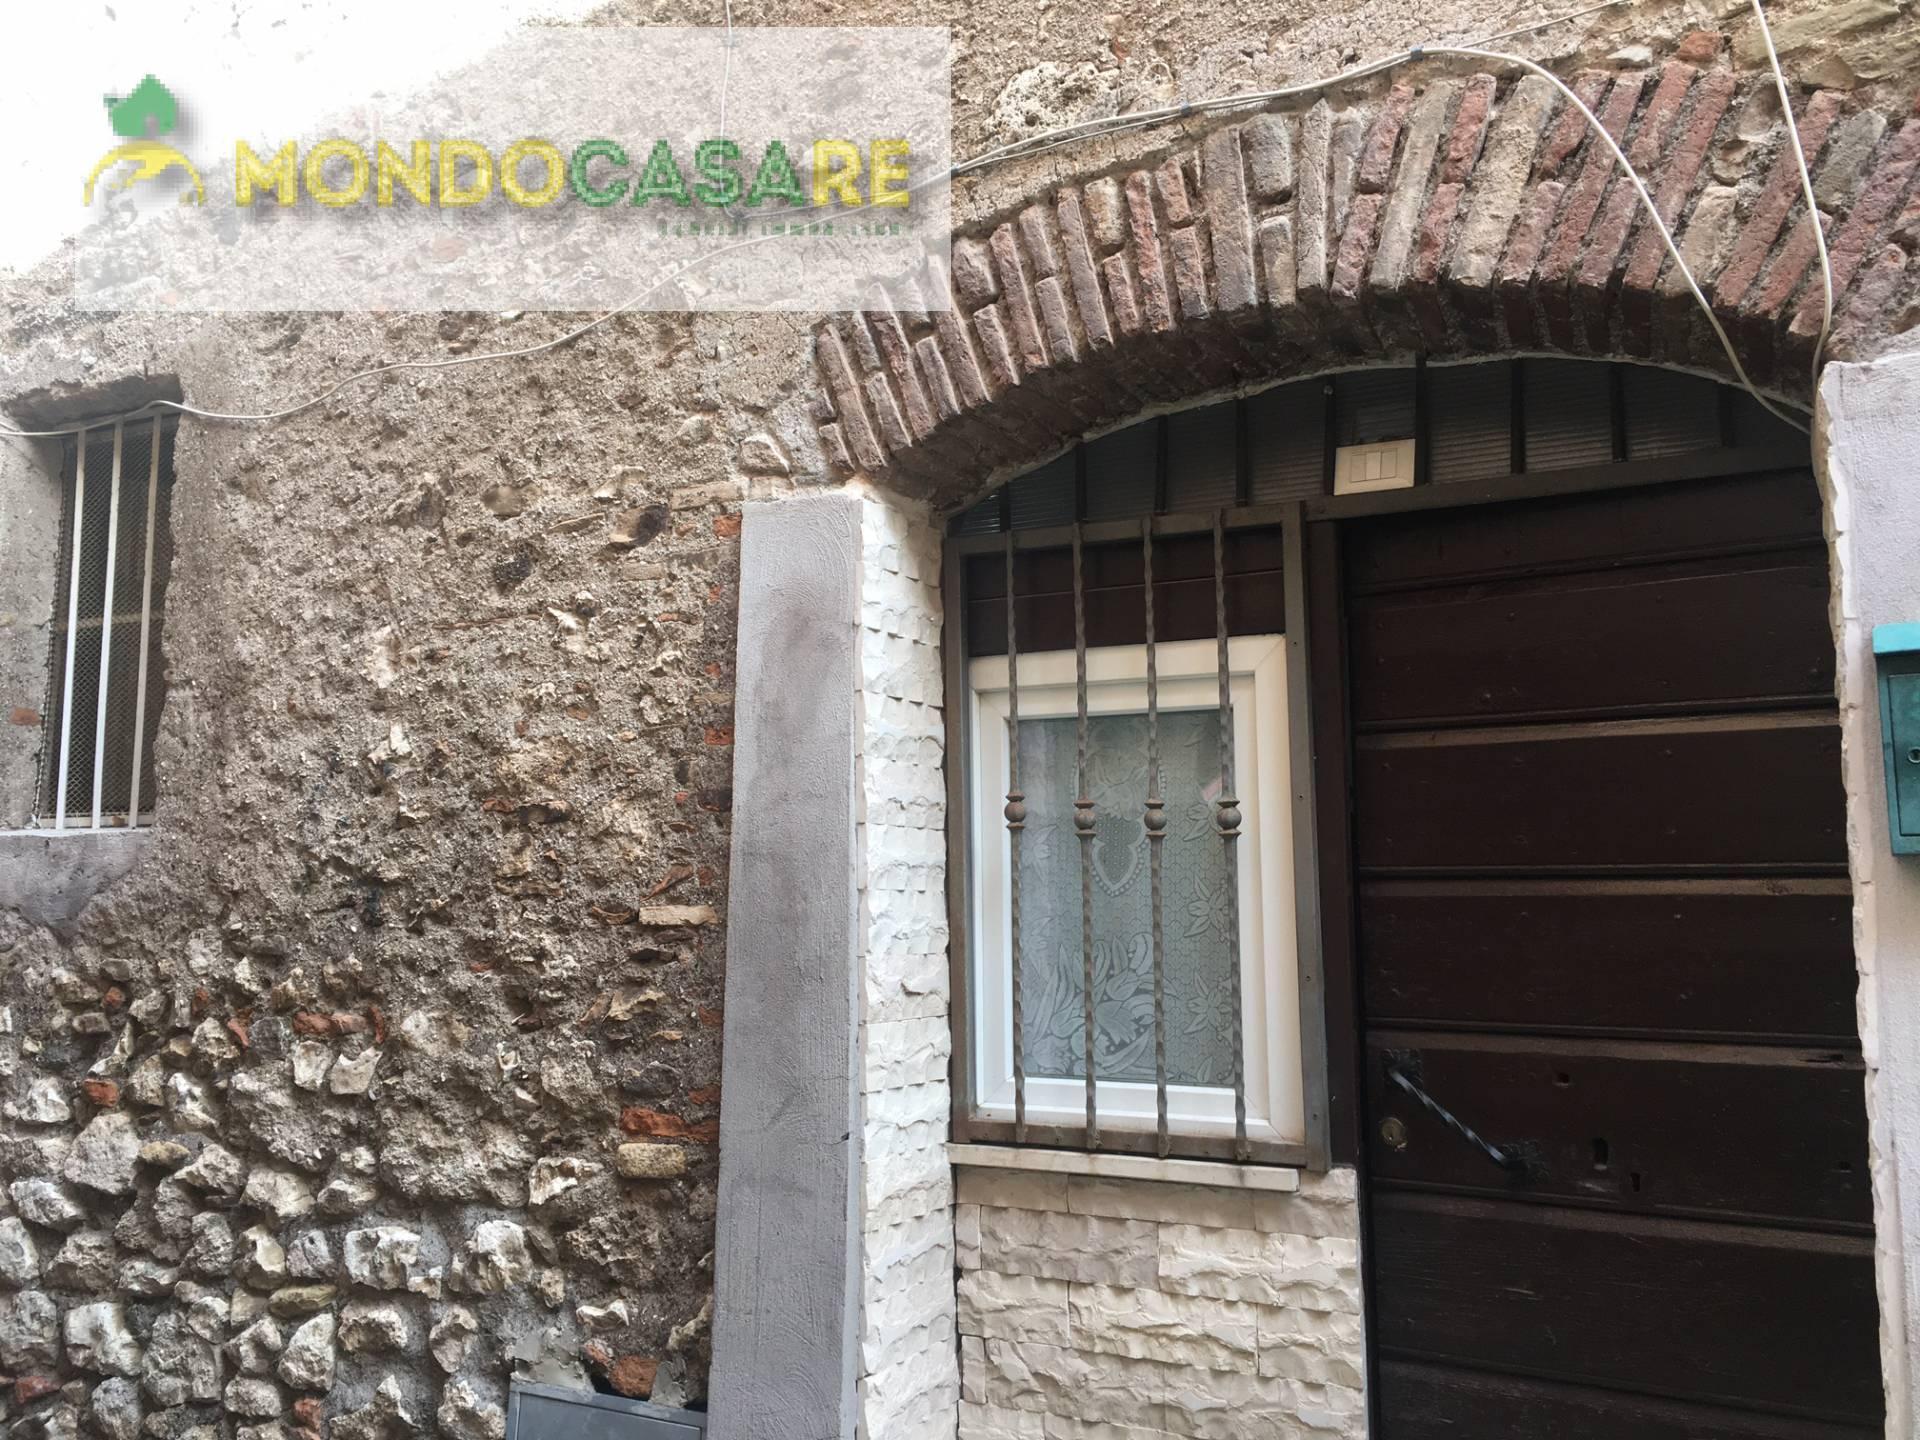 Rustico / Casale in vendita a Palombara Sabina, 1 locali, prezzo € 15.000 | CambioCasa.it